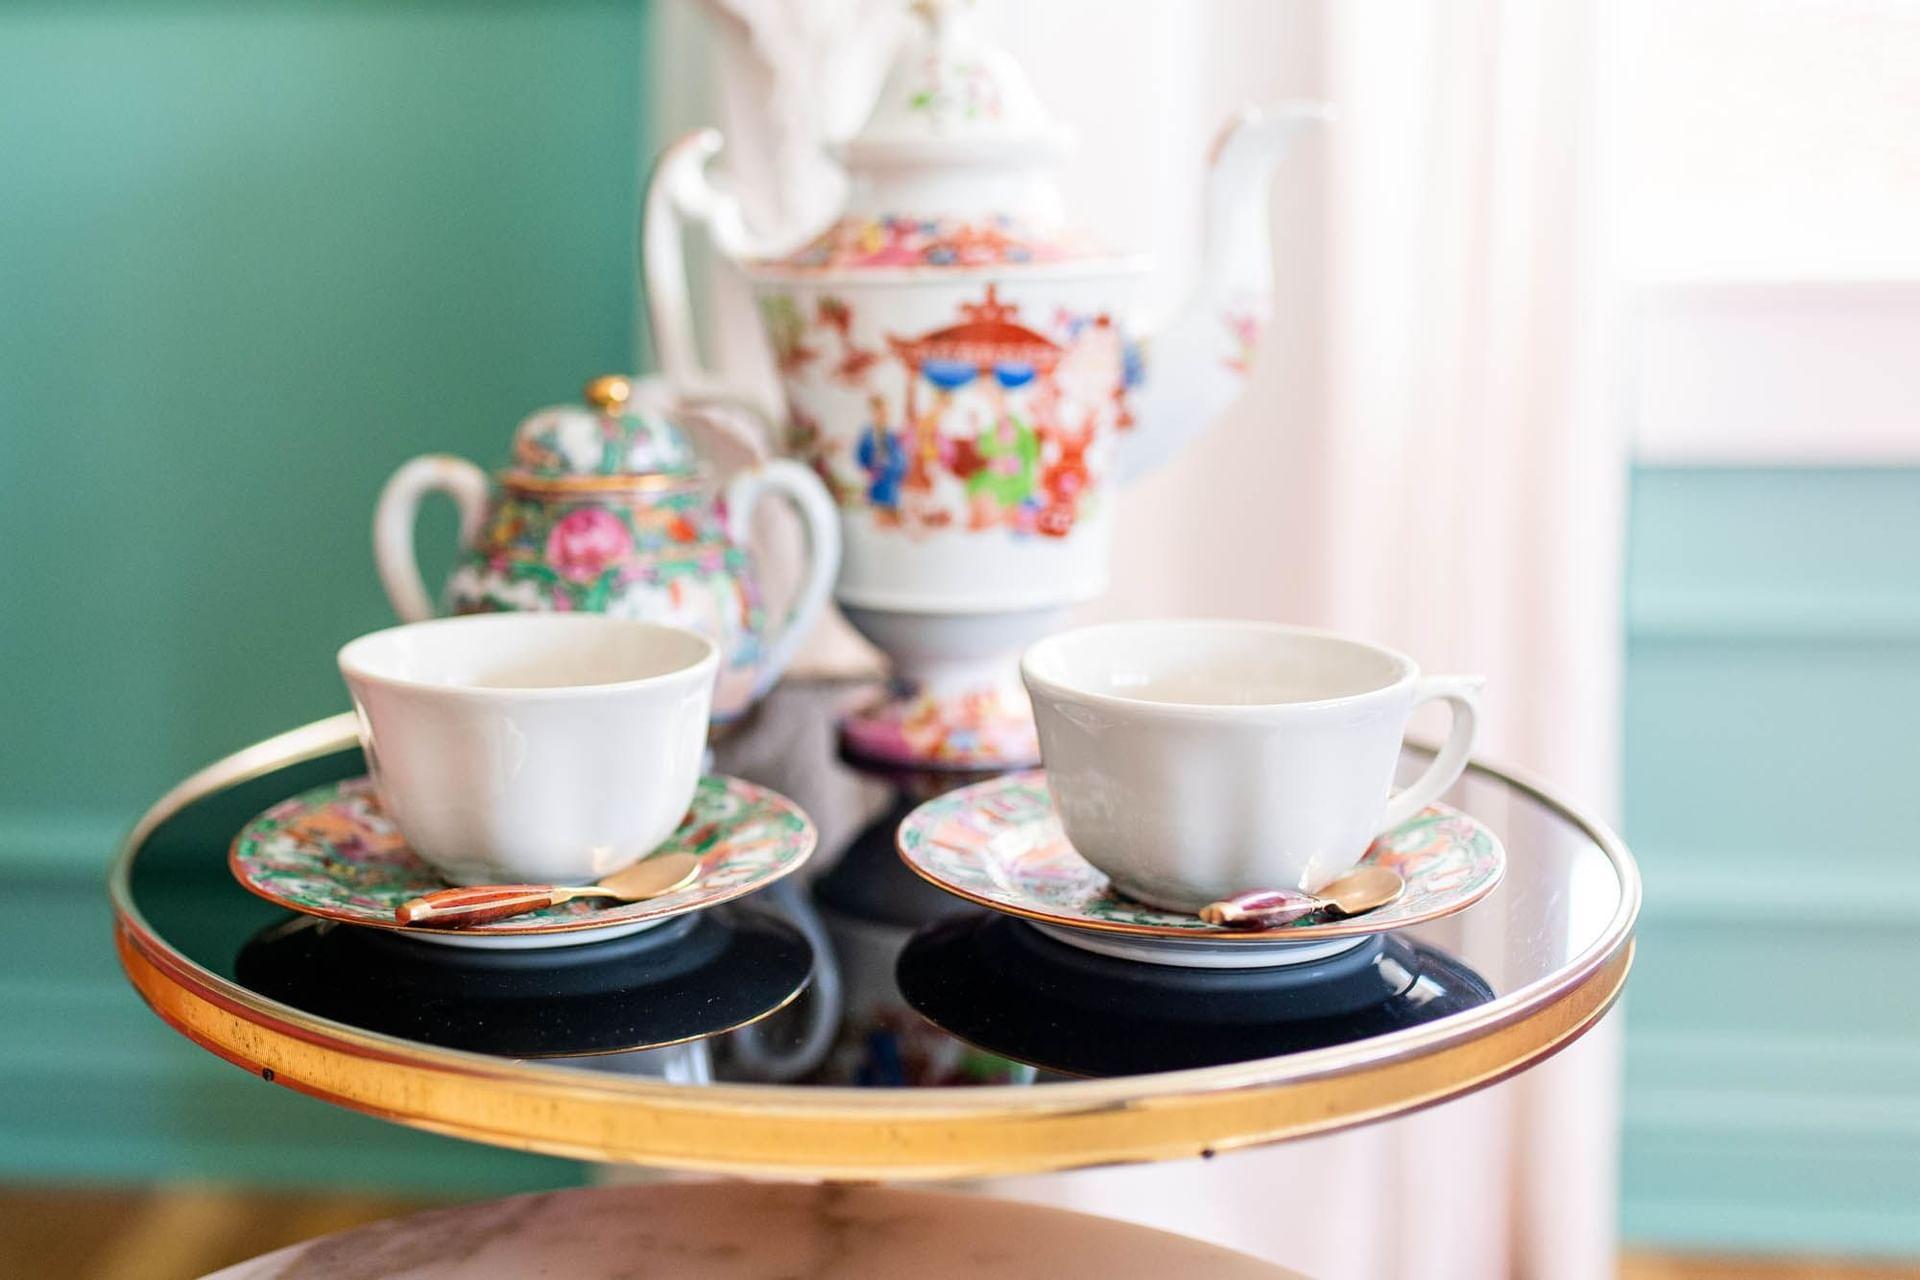 tea mugs on tray